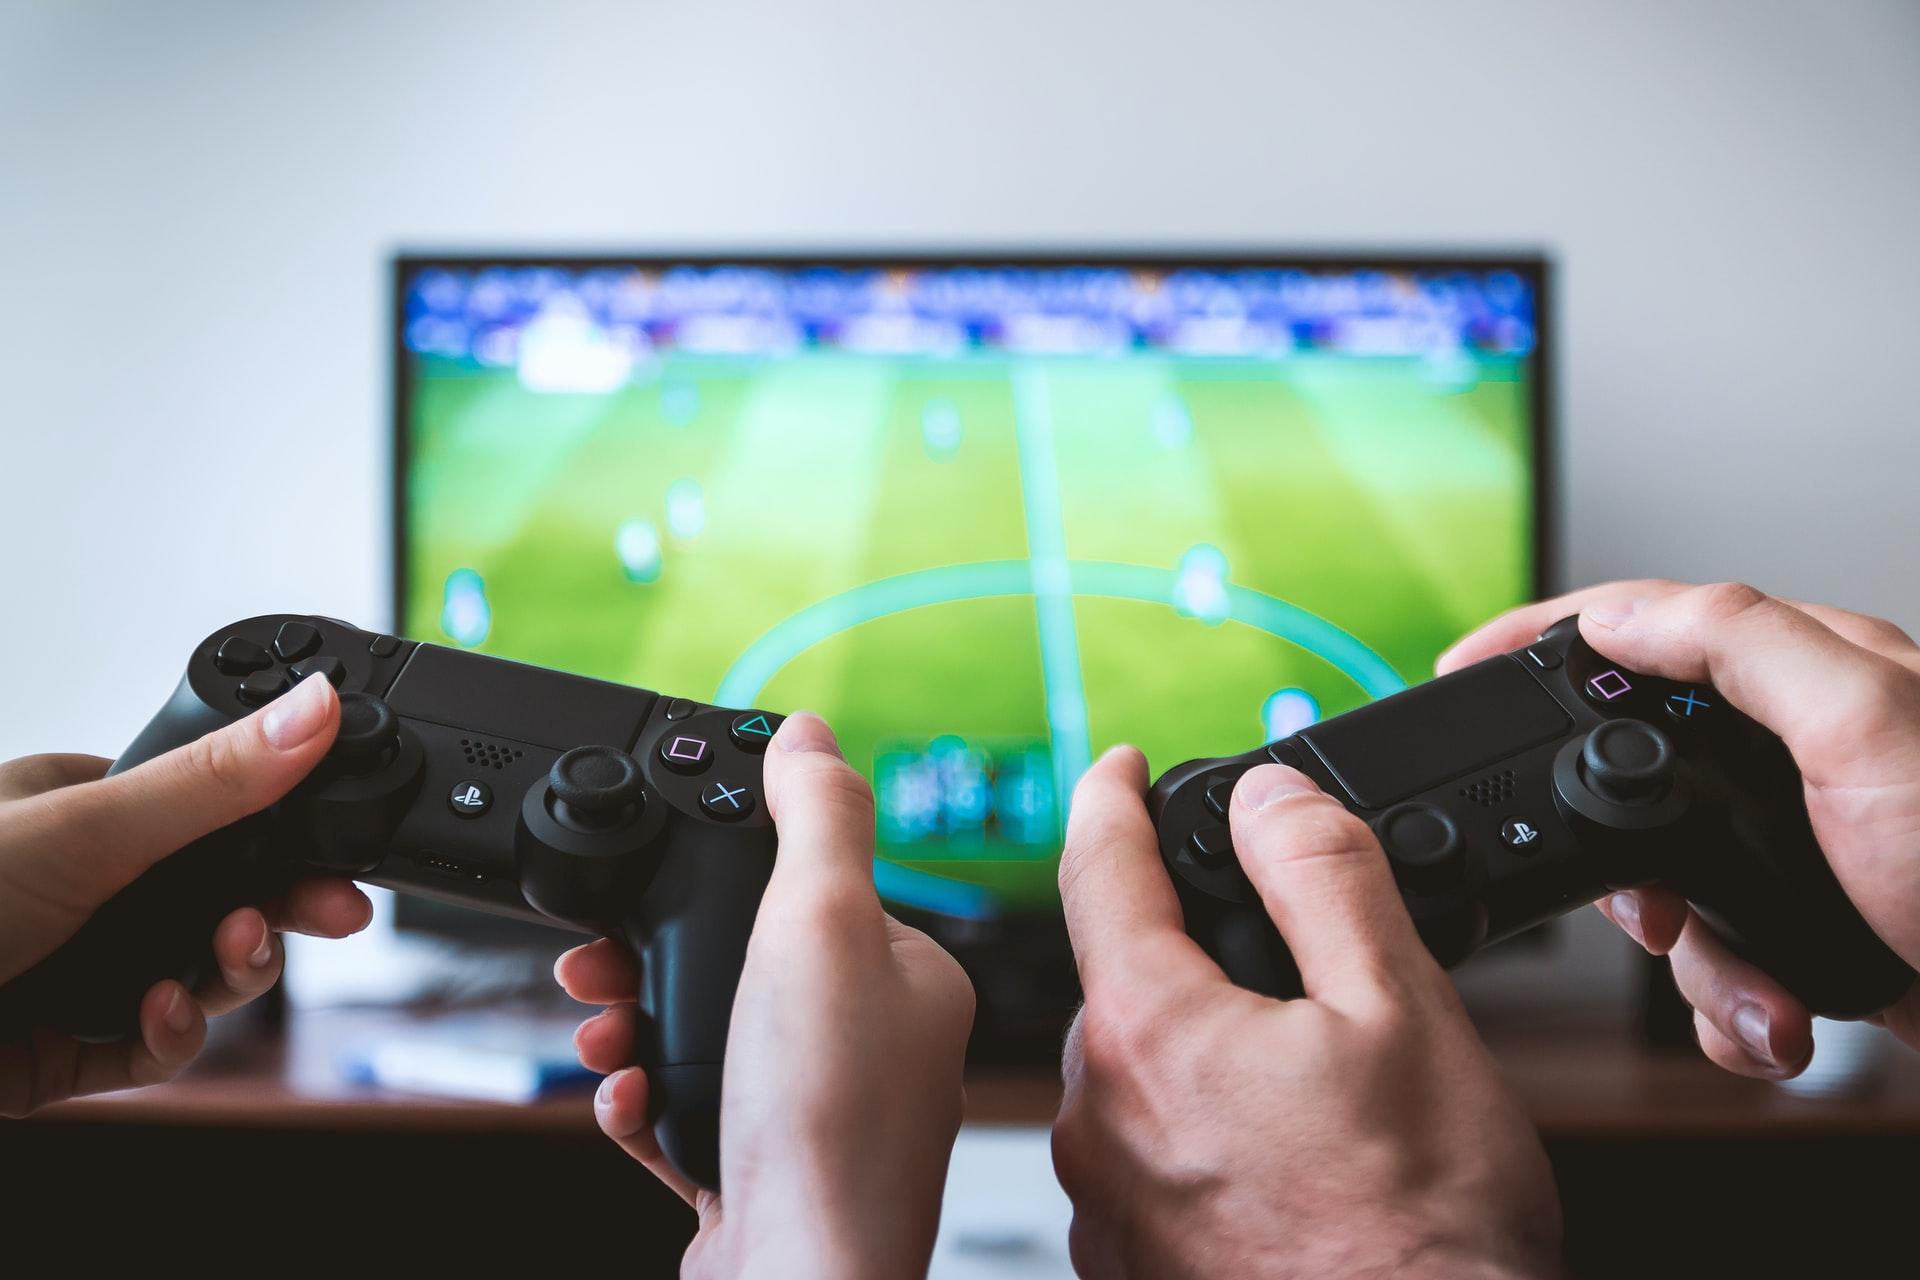 Acessórios de games: como vender pela internet